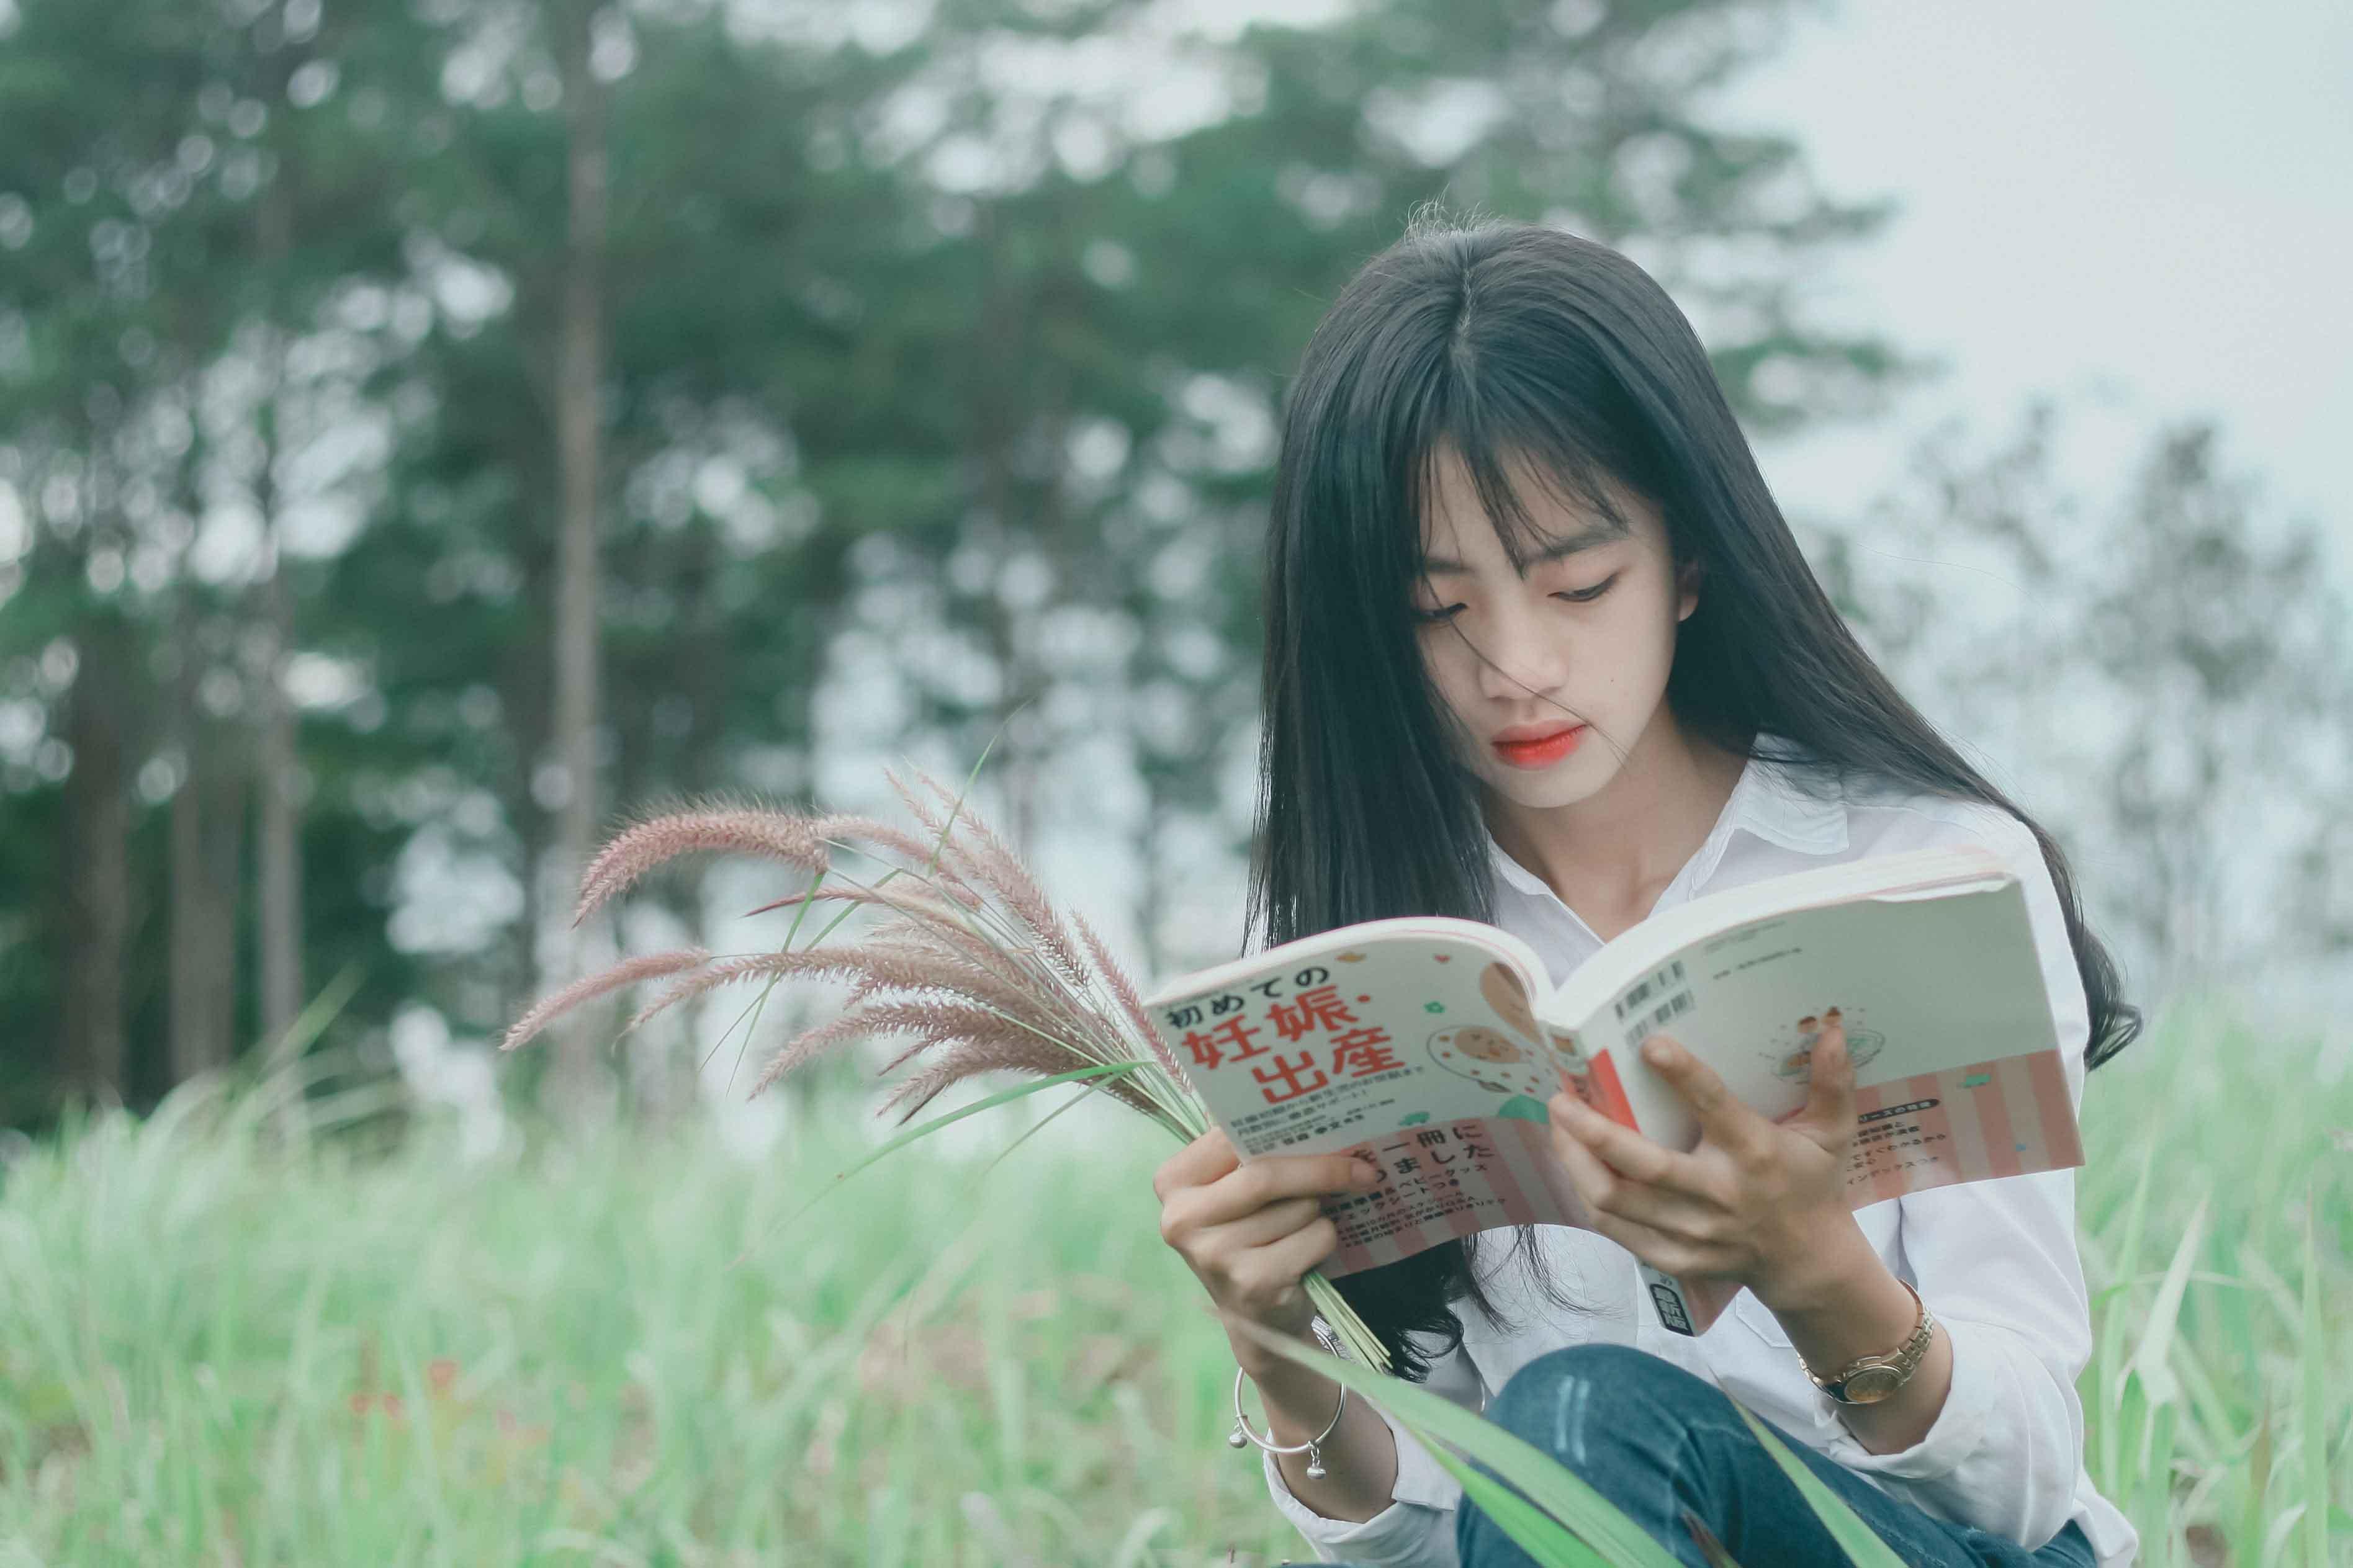 người hướng nôi đọc sách